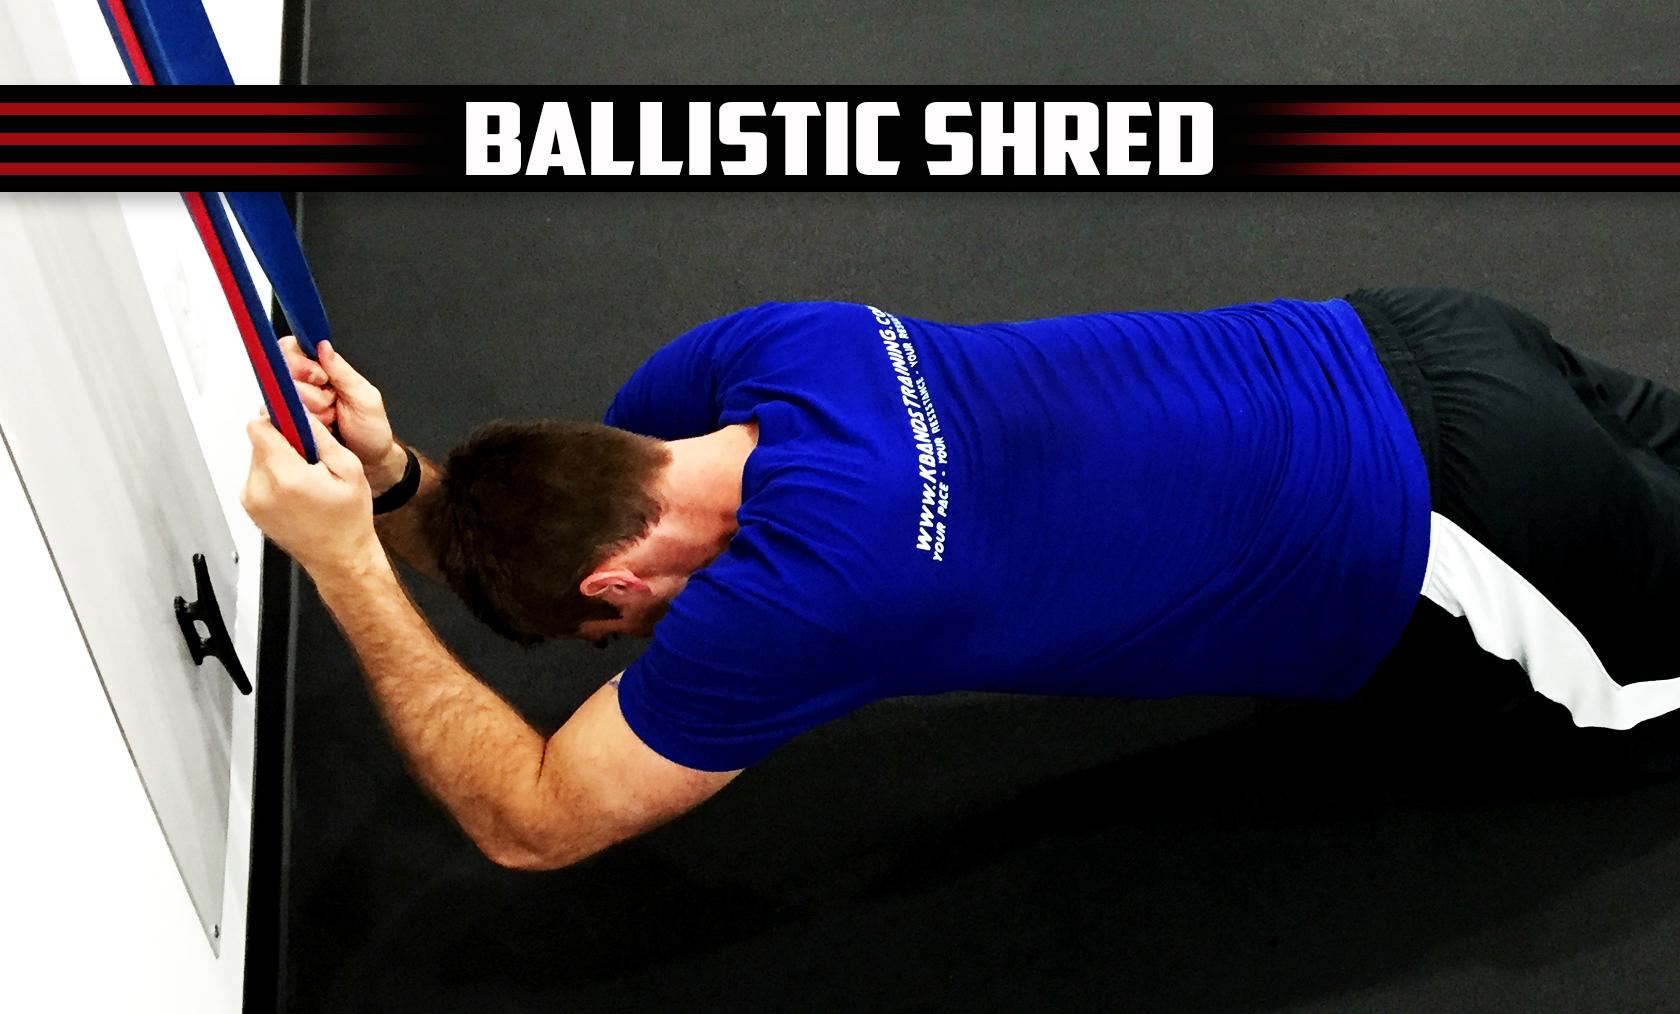 Ballistic Shred Digital Trainer